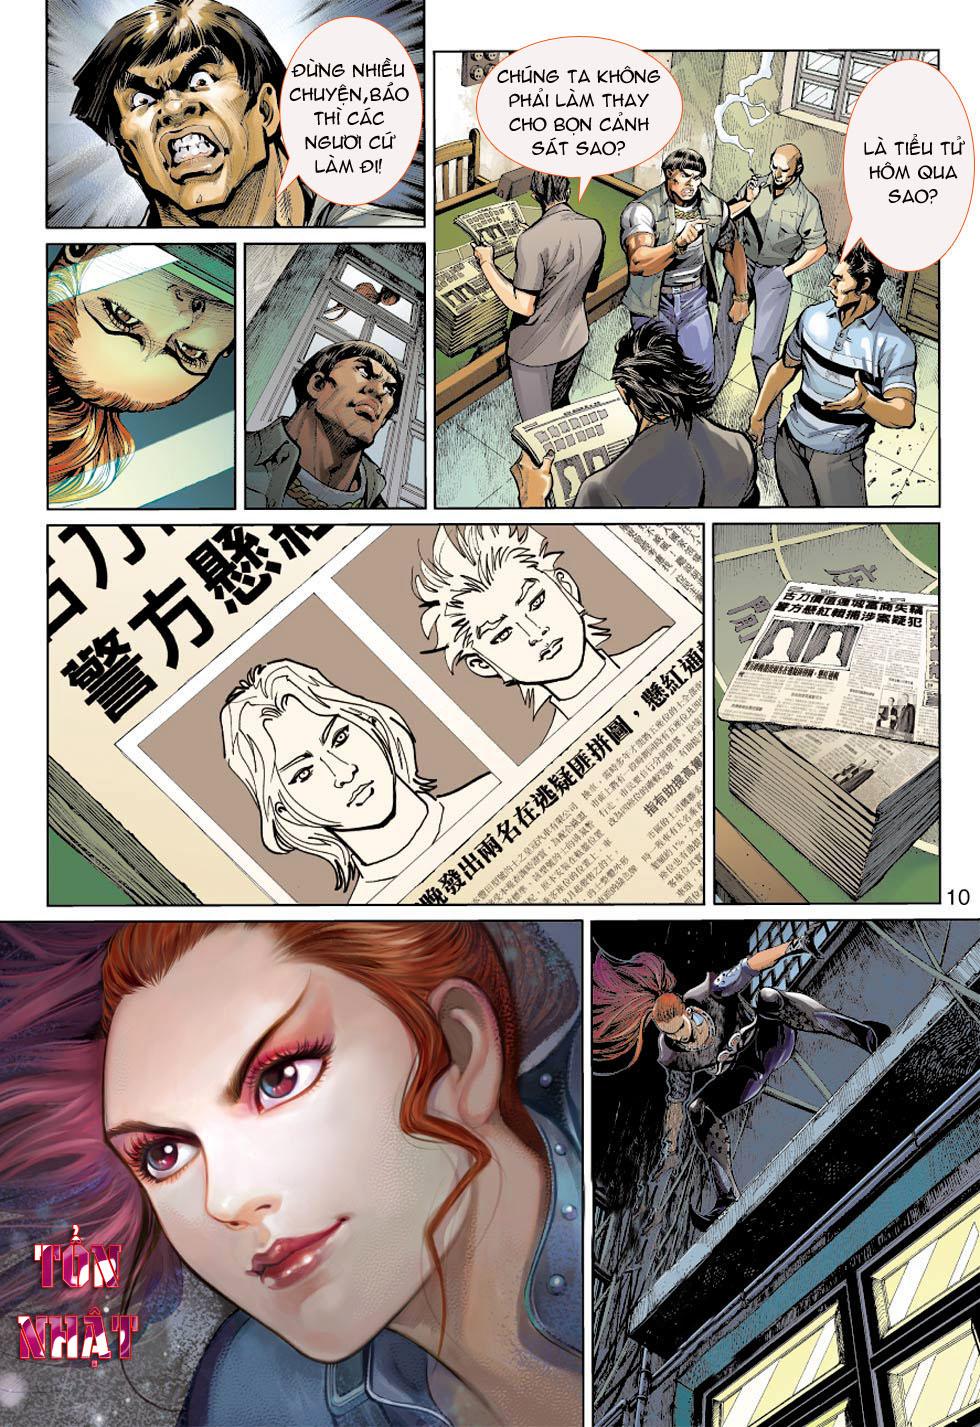 Thần Binh 4 chap 5 - Trang 10